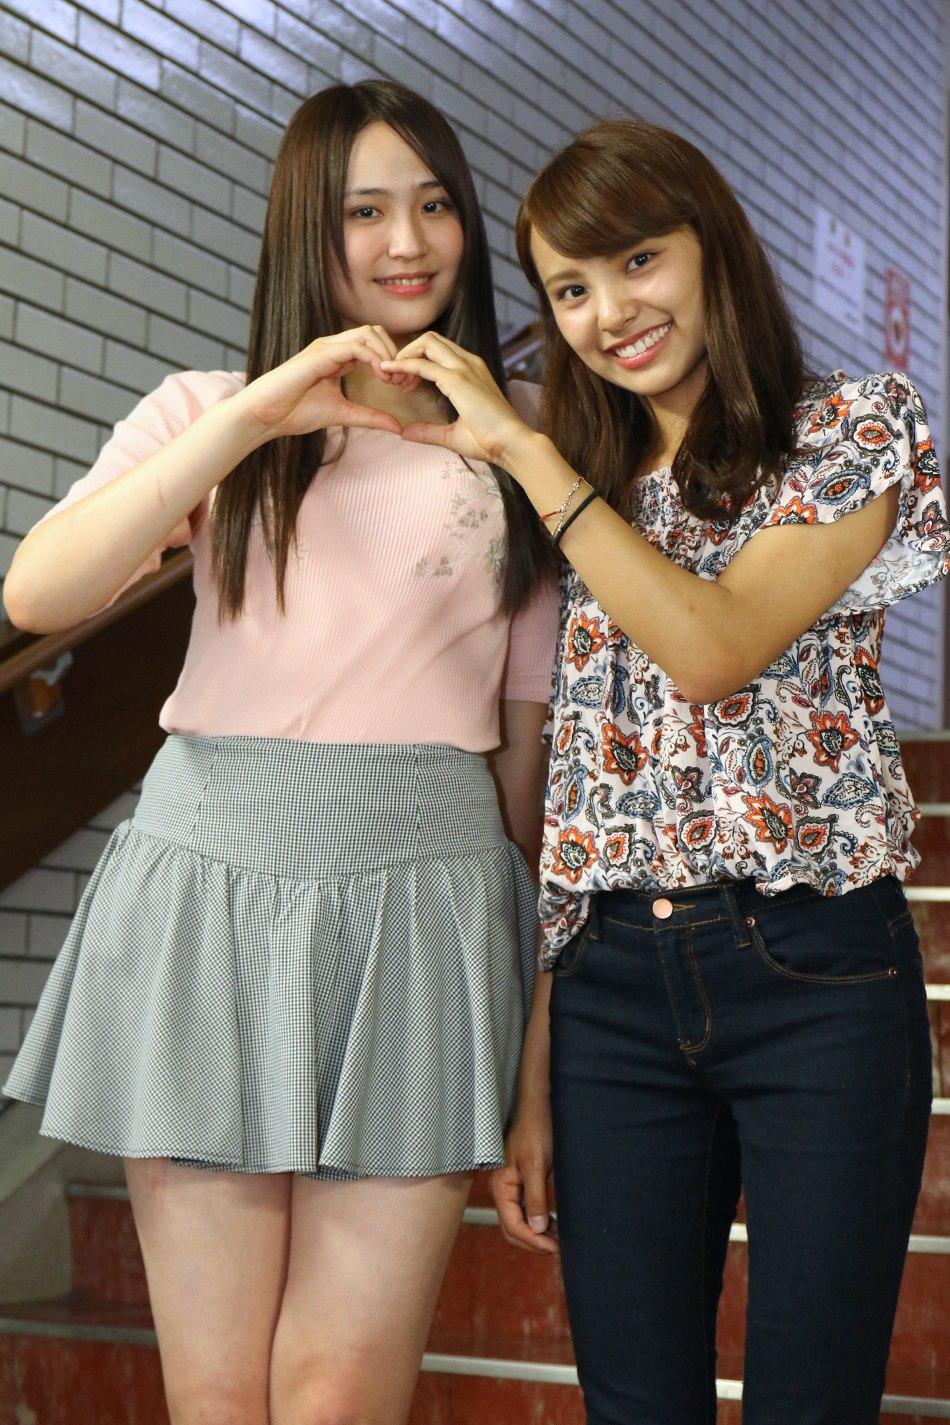 일본녀 일본 남파(난파)의 날! 일본녀 꼬시기, 도쿄 길거리 헌팅의 성지